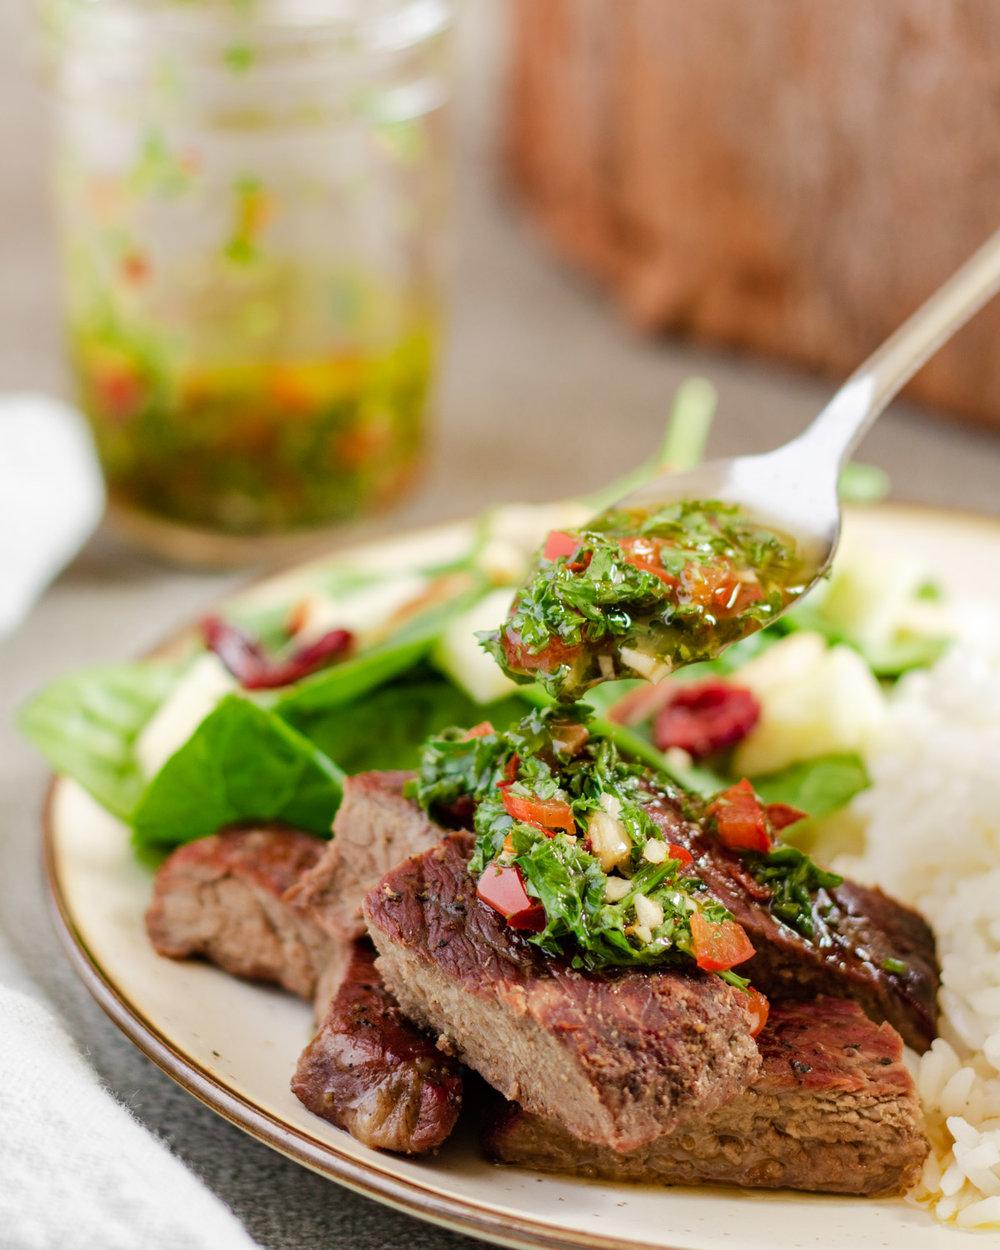 Chimmichurri Sauce on Steak